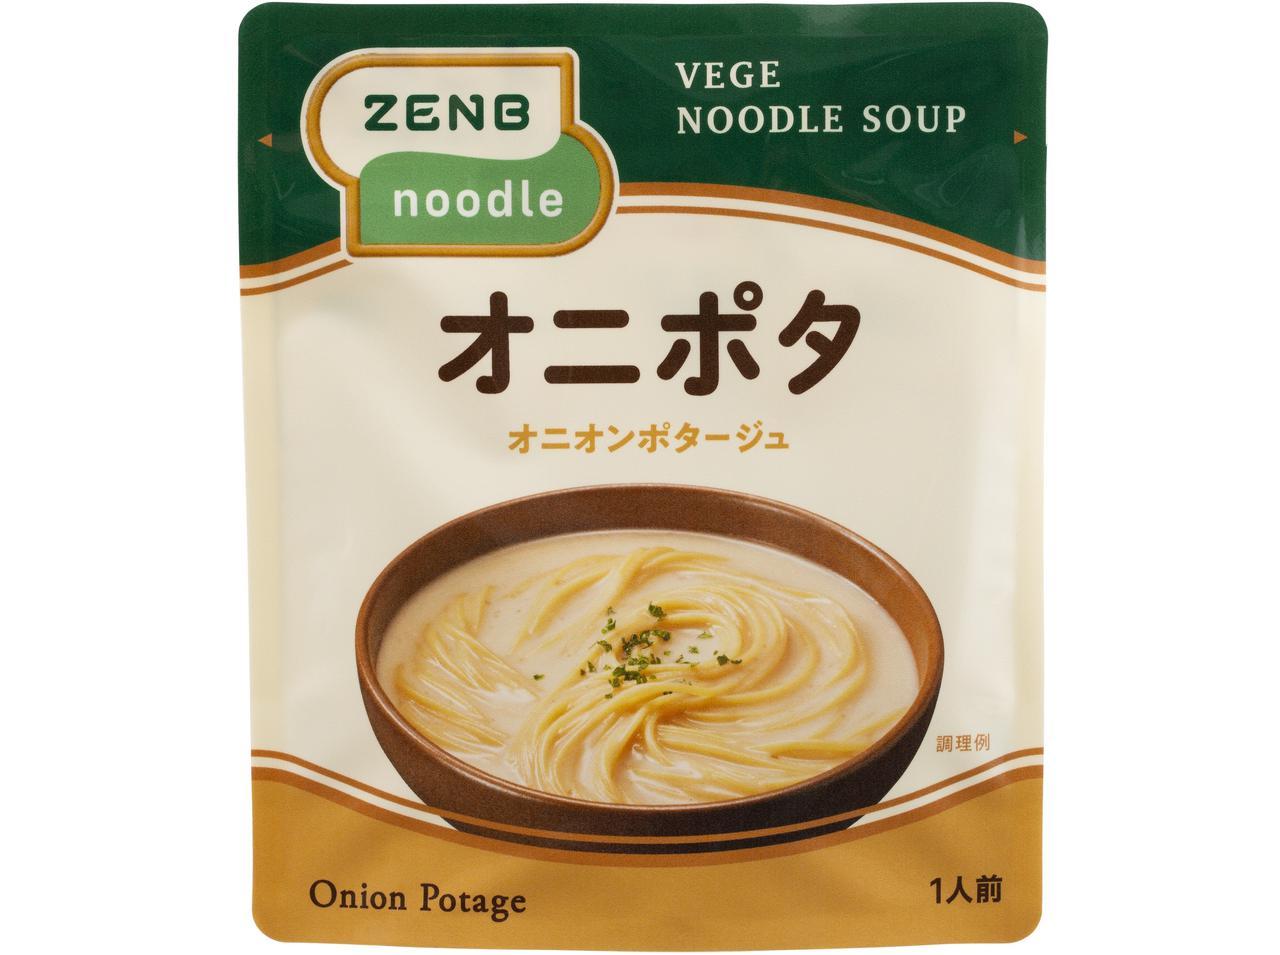 画像: ZENBオニオンポタージュ(オニポタ) スープ 198円(税込)